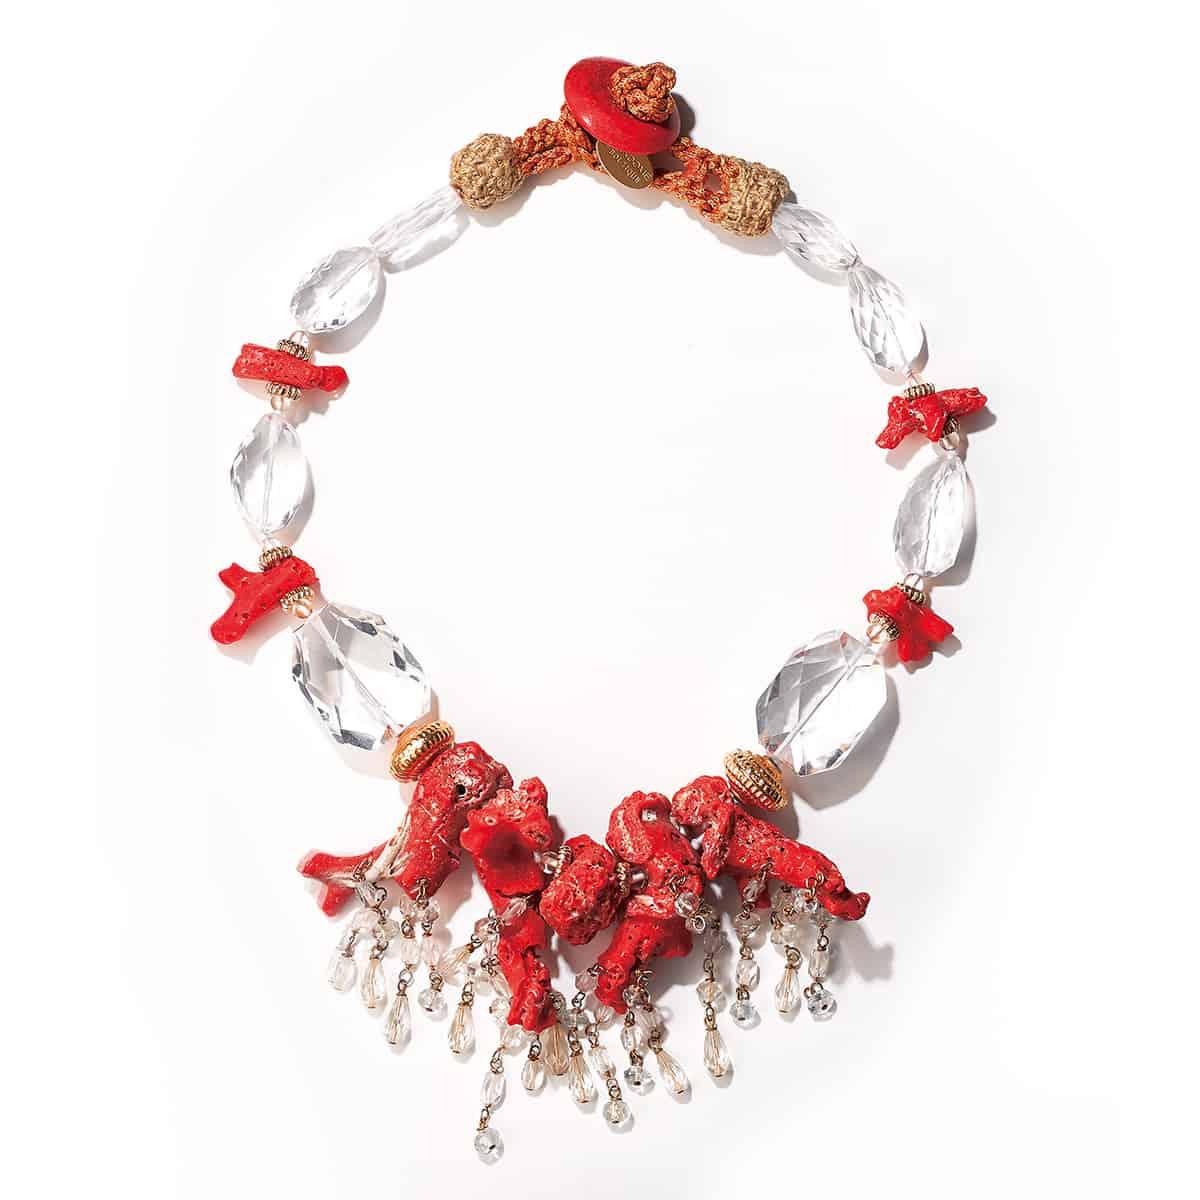 天然サンゴと揺れる水晶がドラマチックな1点ものネックレス